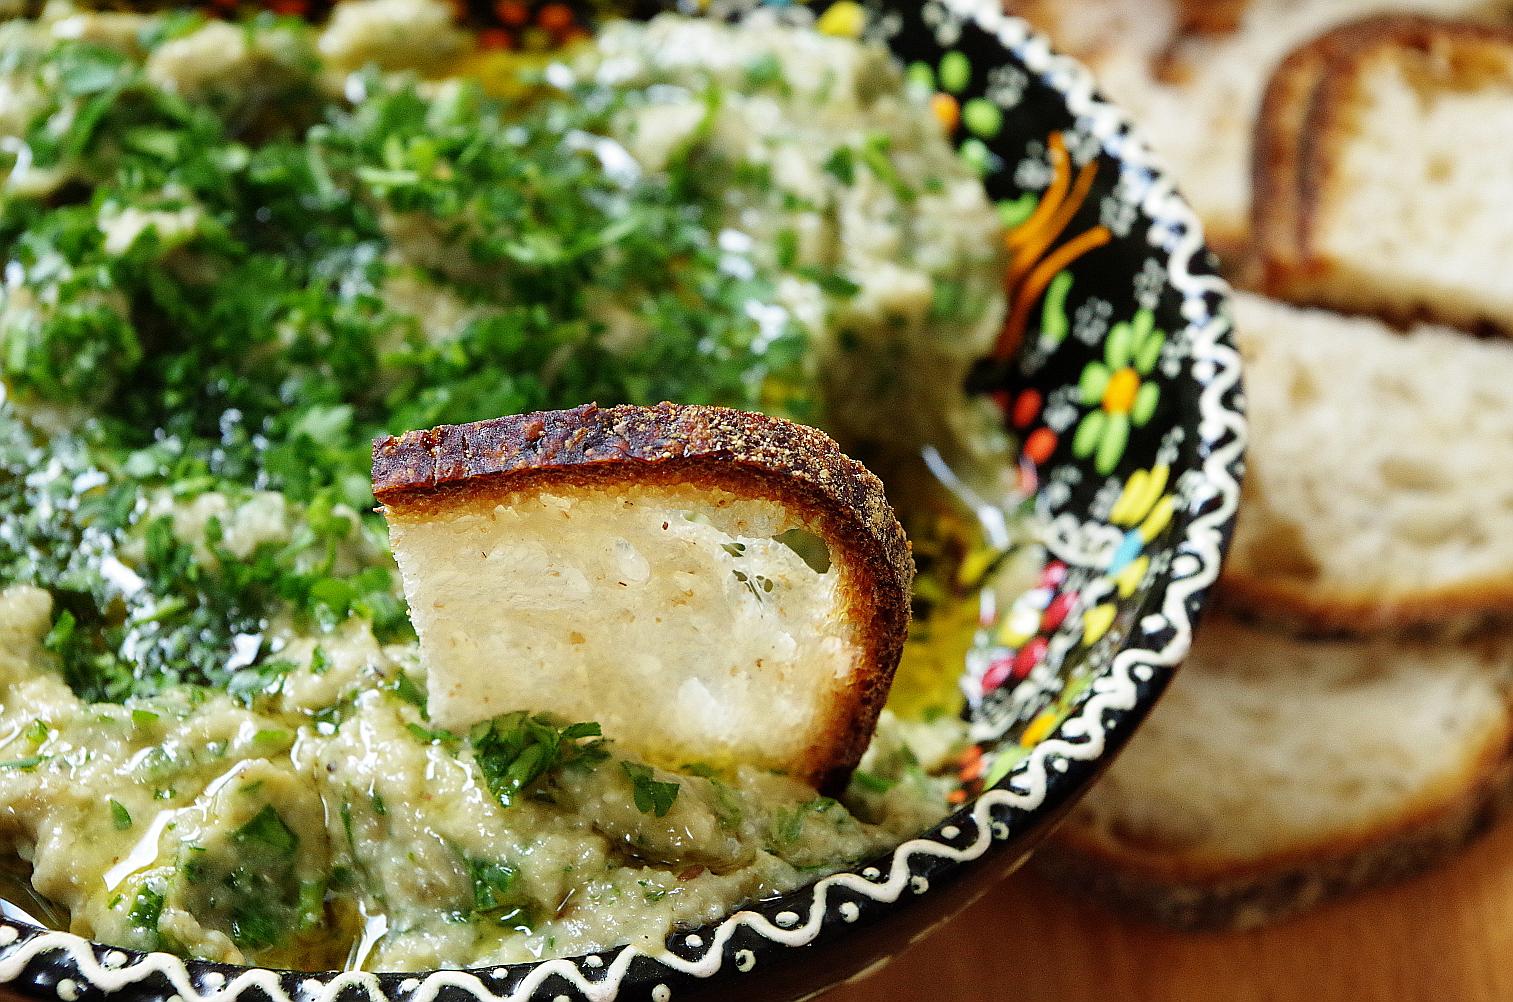 Бабагануш из баклажанов рецепт с фото пошагово - 1000.menu